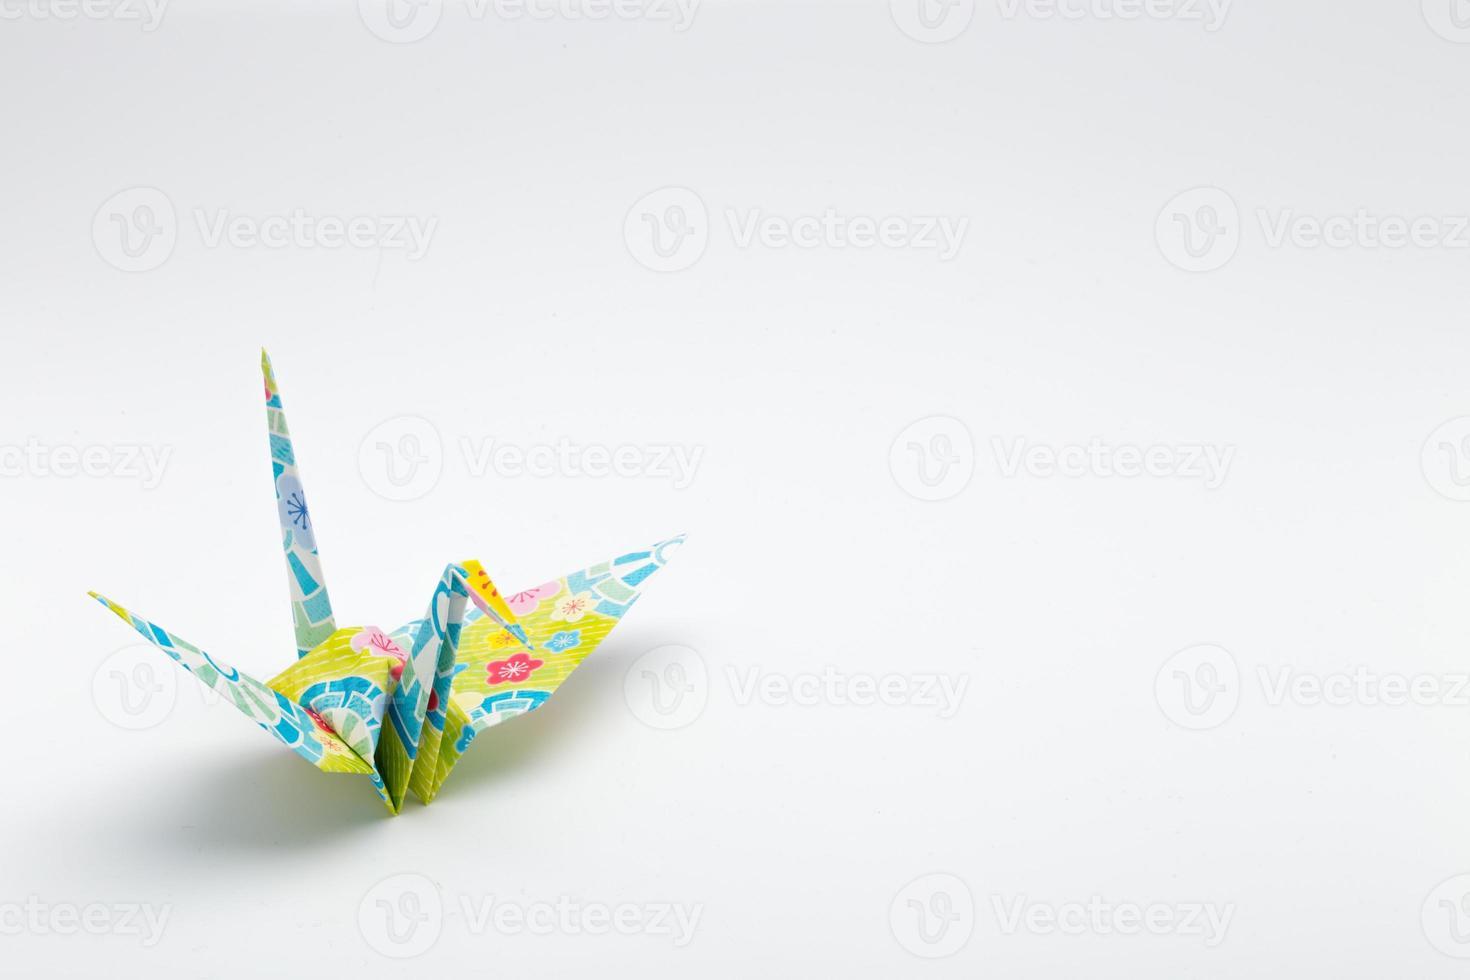 guindastes de papel (1 pássaro) foto